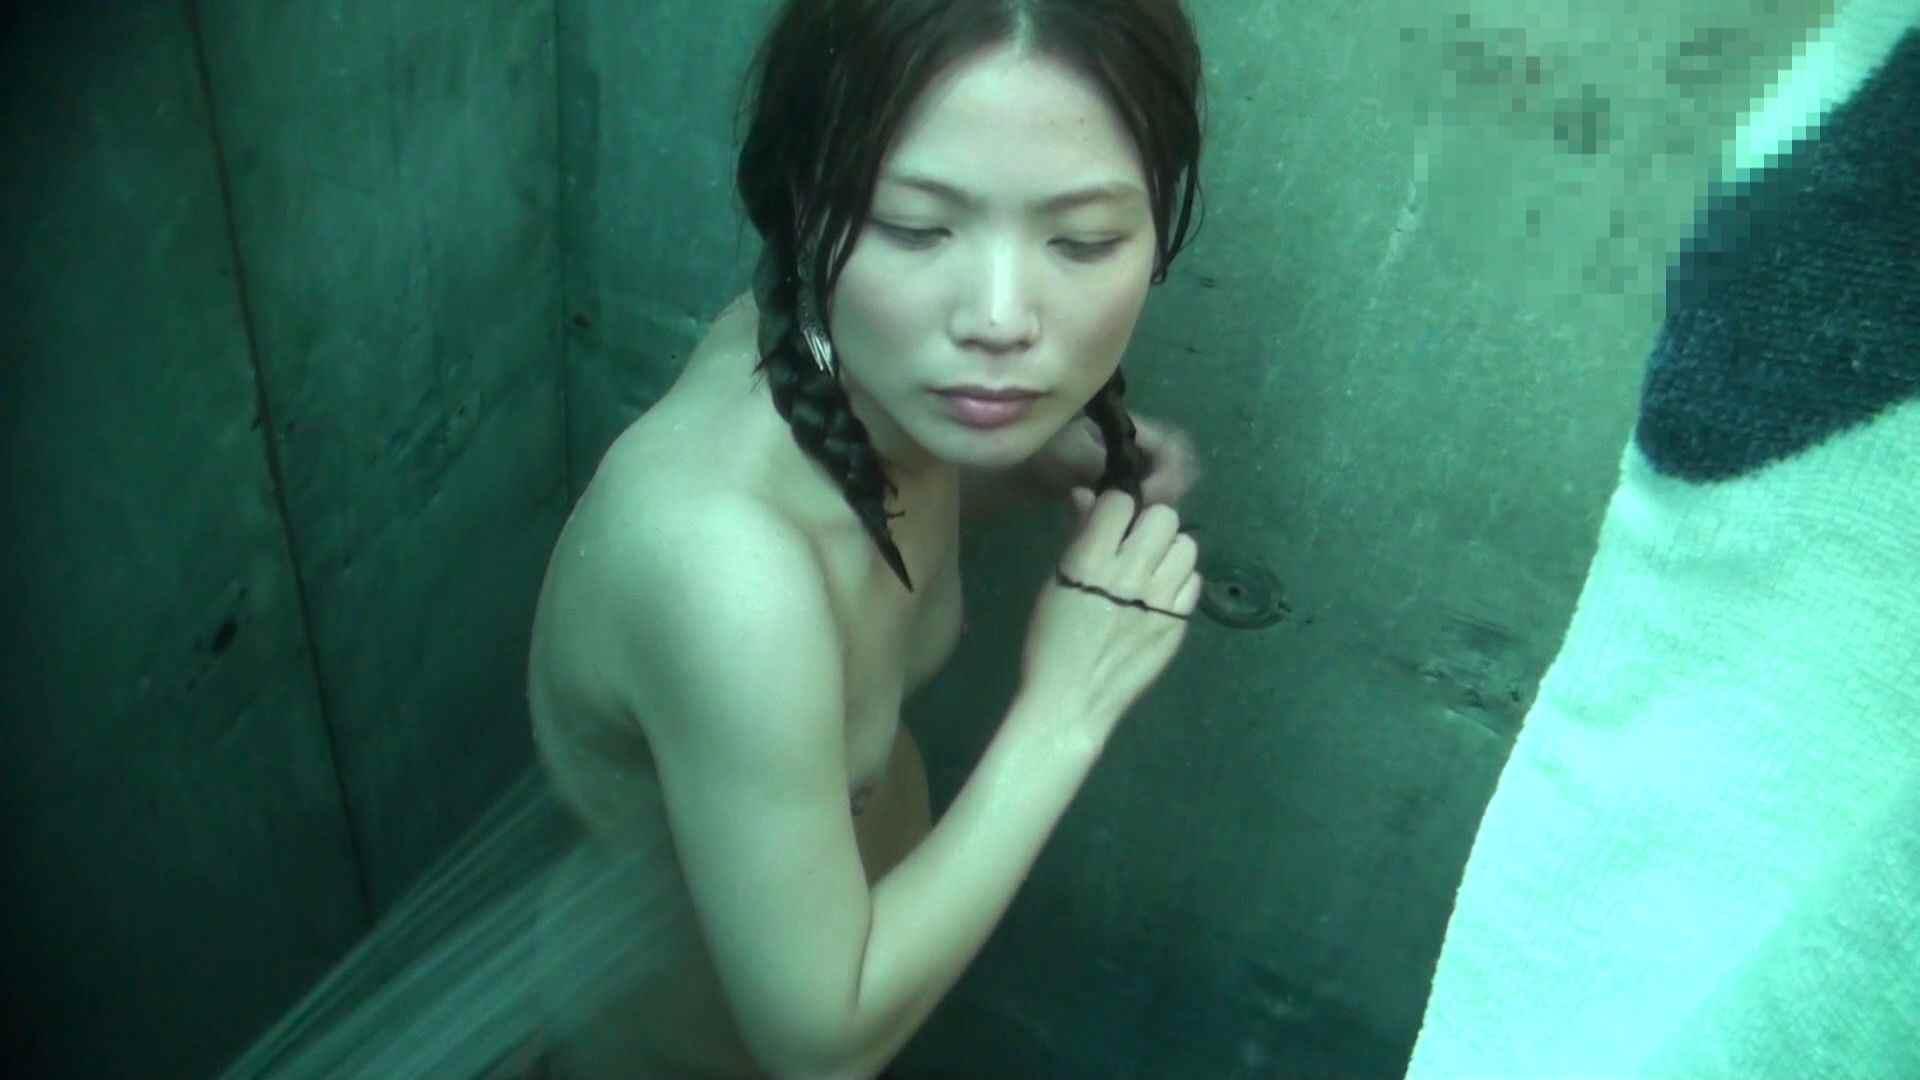 シャワールームは超!!危険な香りVol.12 女性のおまんこには予想外の砂が混入しているようです。 高画質   おまんこモロ出し  61pic 32